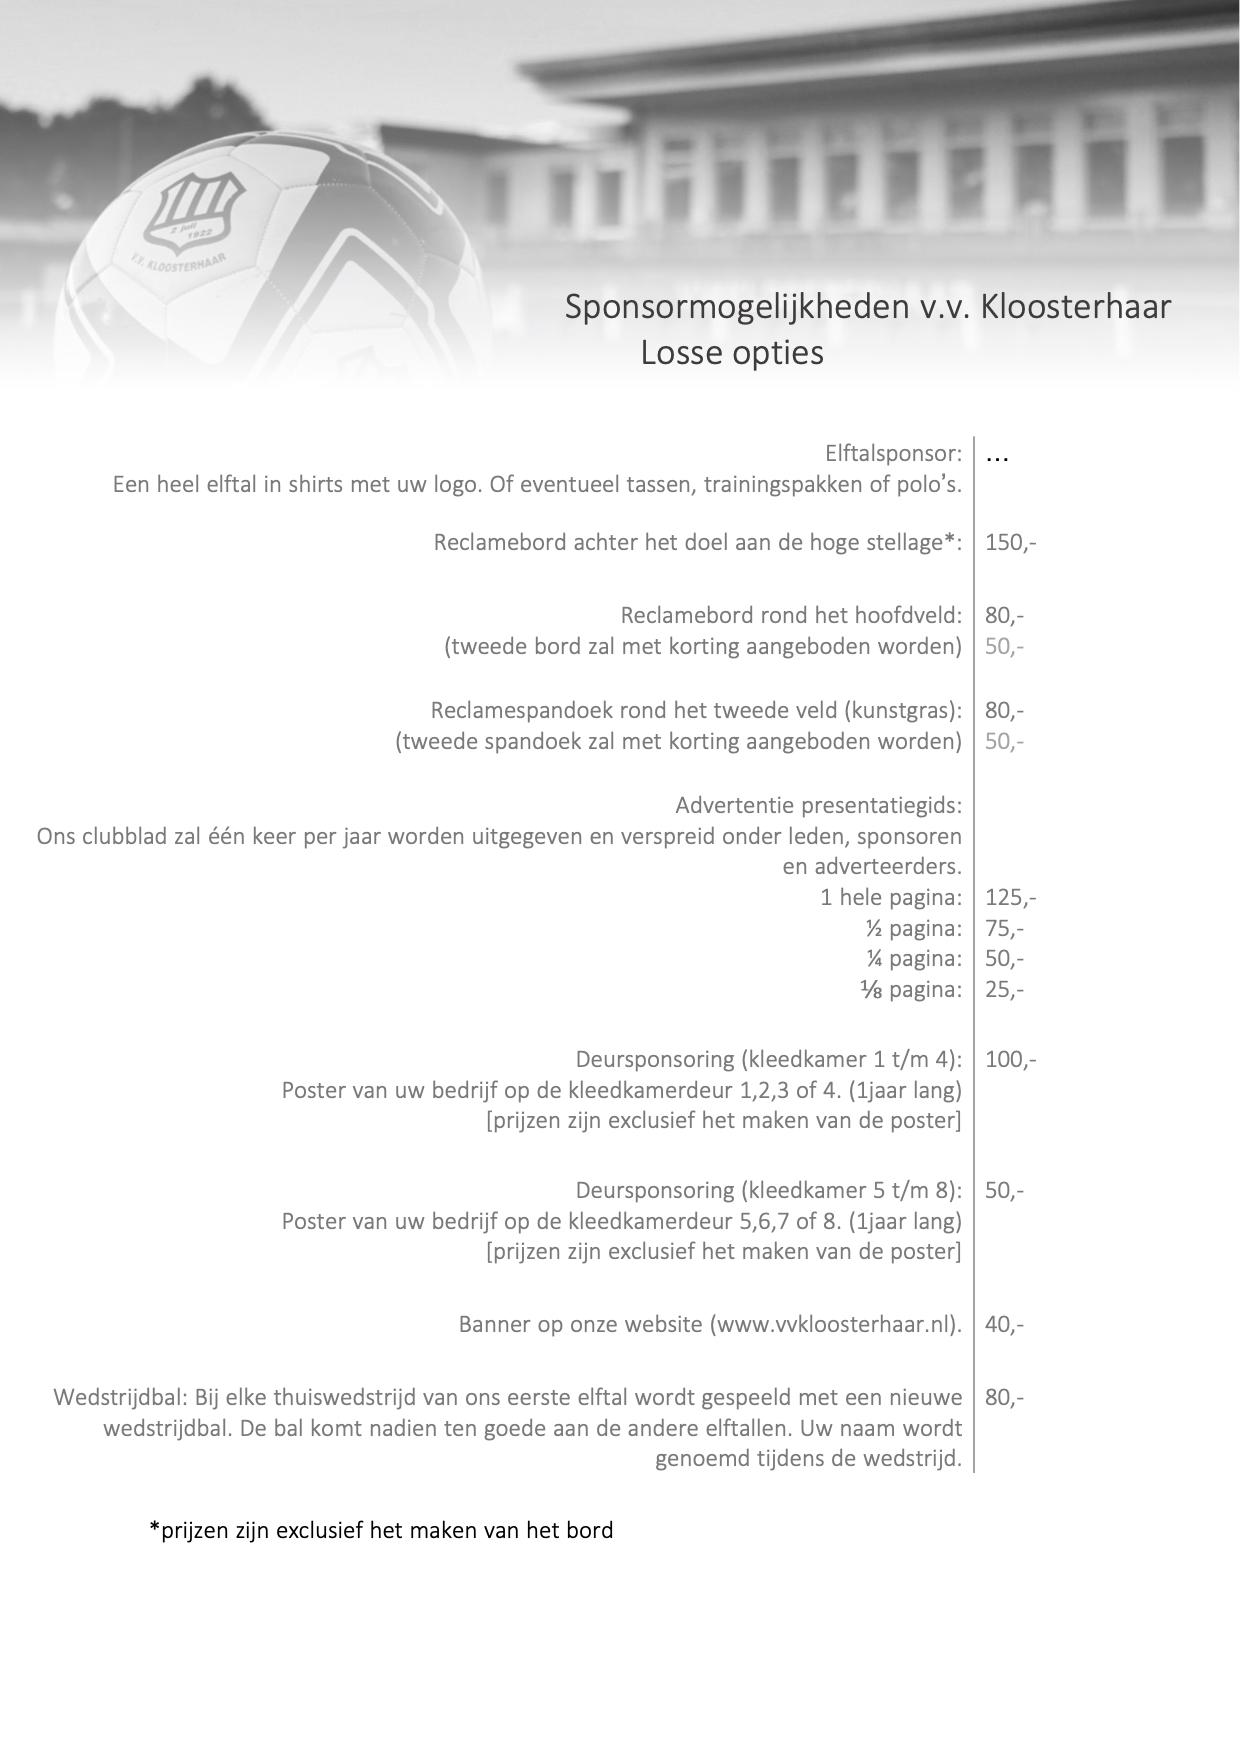 200531 sponsormogelijkheden p2